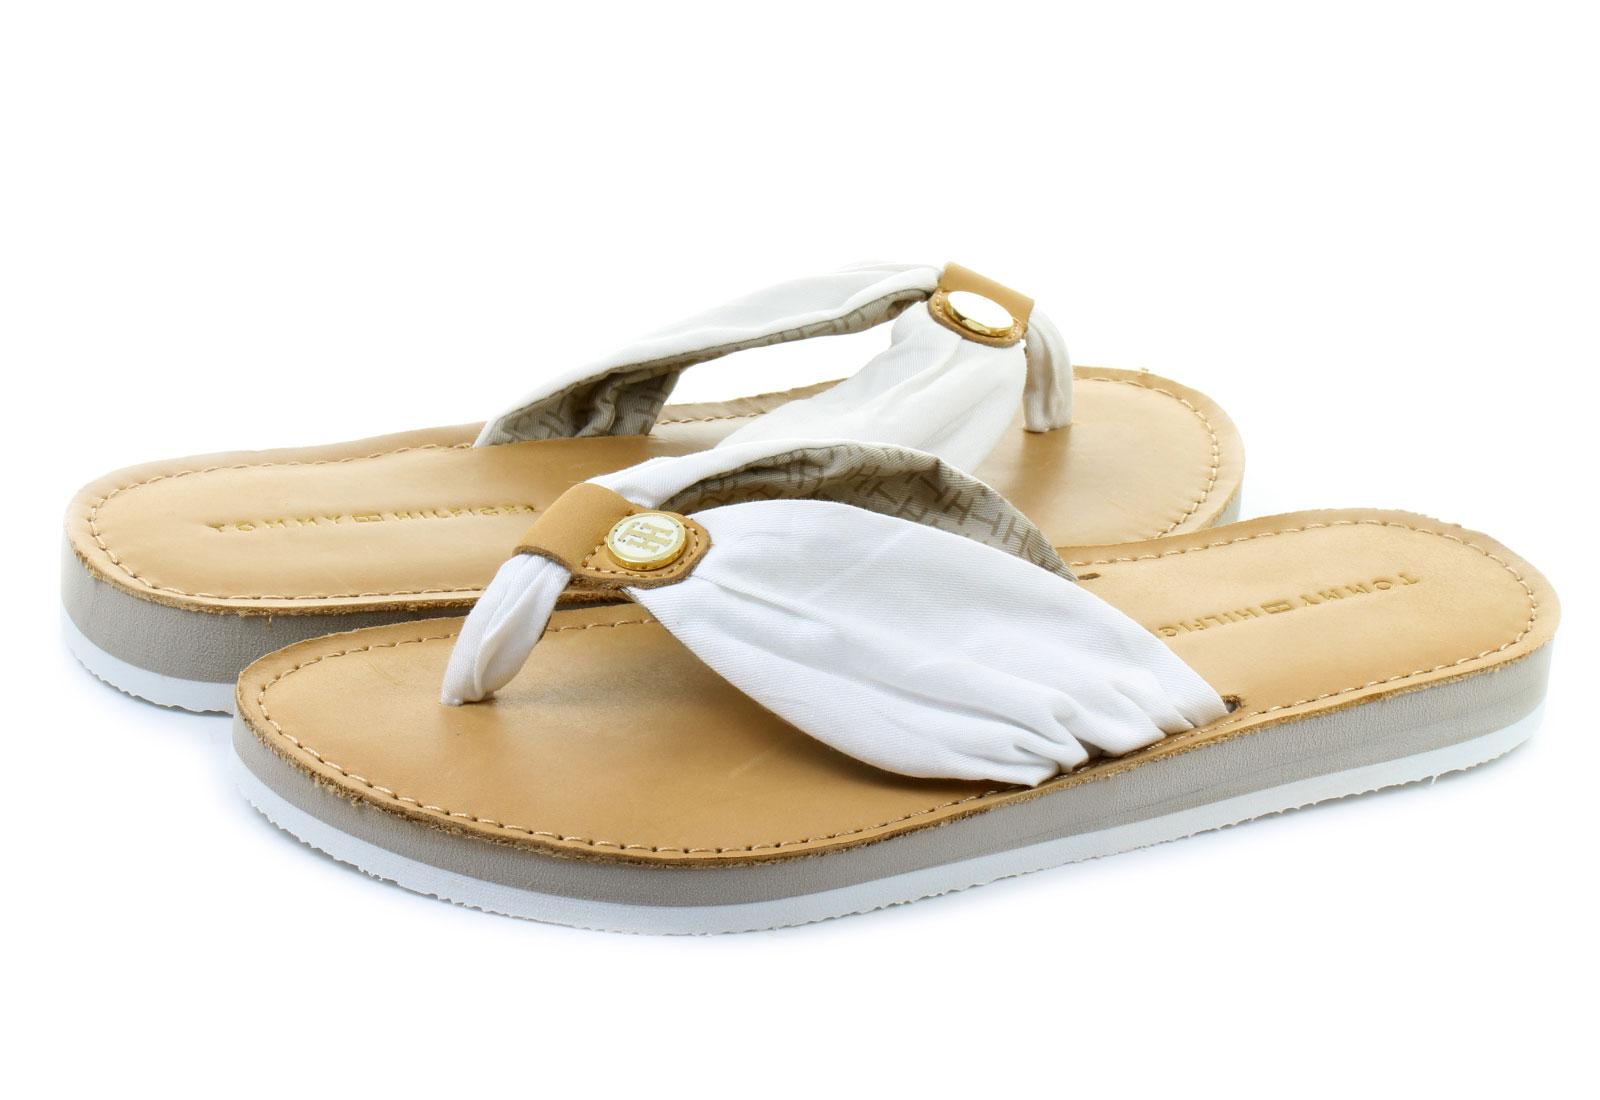 Tommy Hilfiger Papucs - Monica 14d - 16S-0724-118 - Office Shoes ... 215125f723